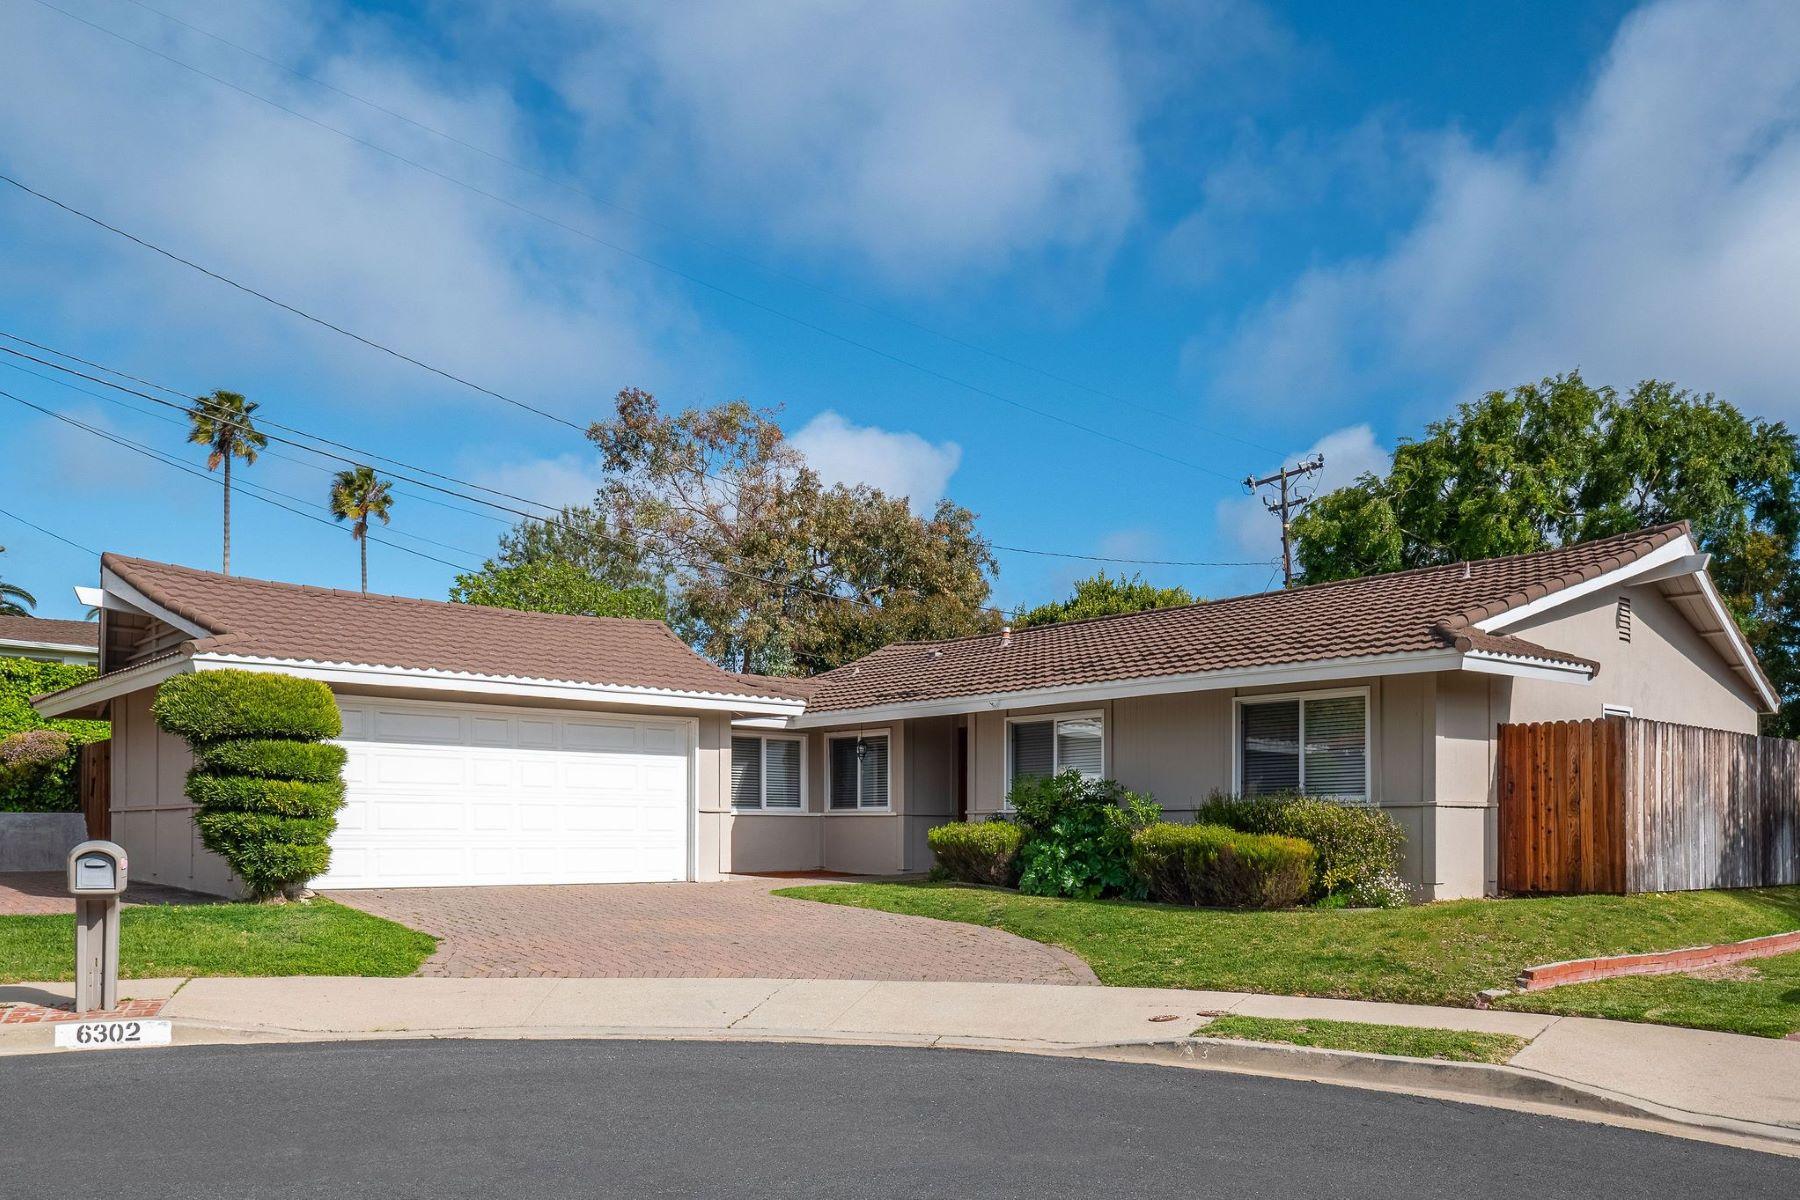 Single Family Homes for Active at 6302 Villa Rosa Drive, Rancho Palos Verdes, CA 90275 6302 Villa Rosa Drive Rancho Palos Verdes, California 90275 United States